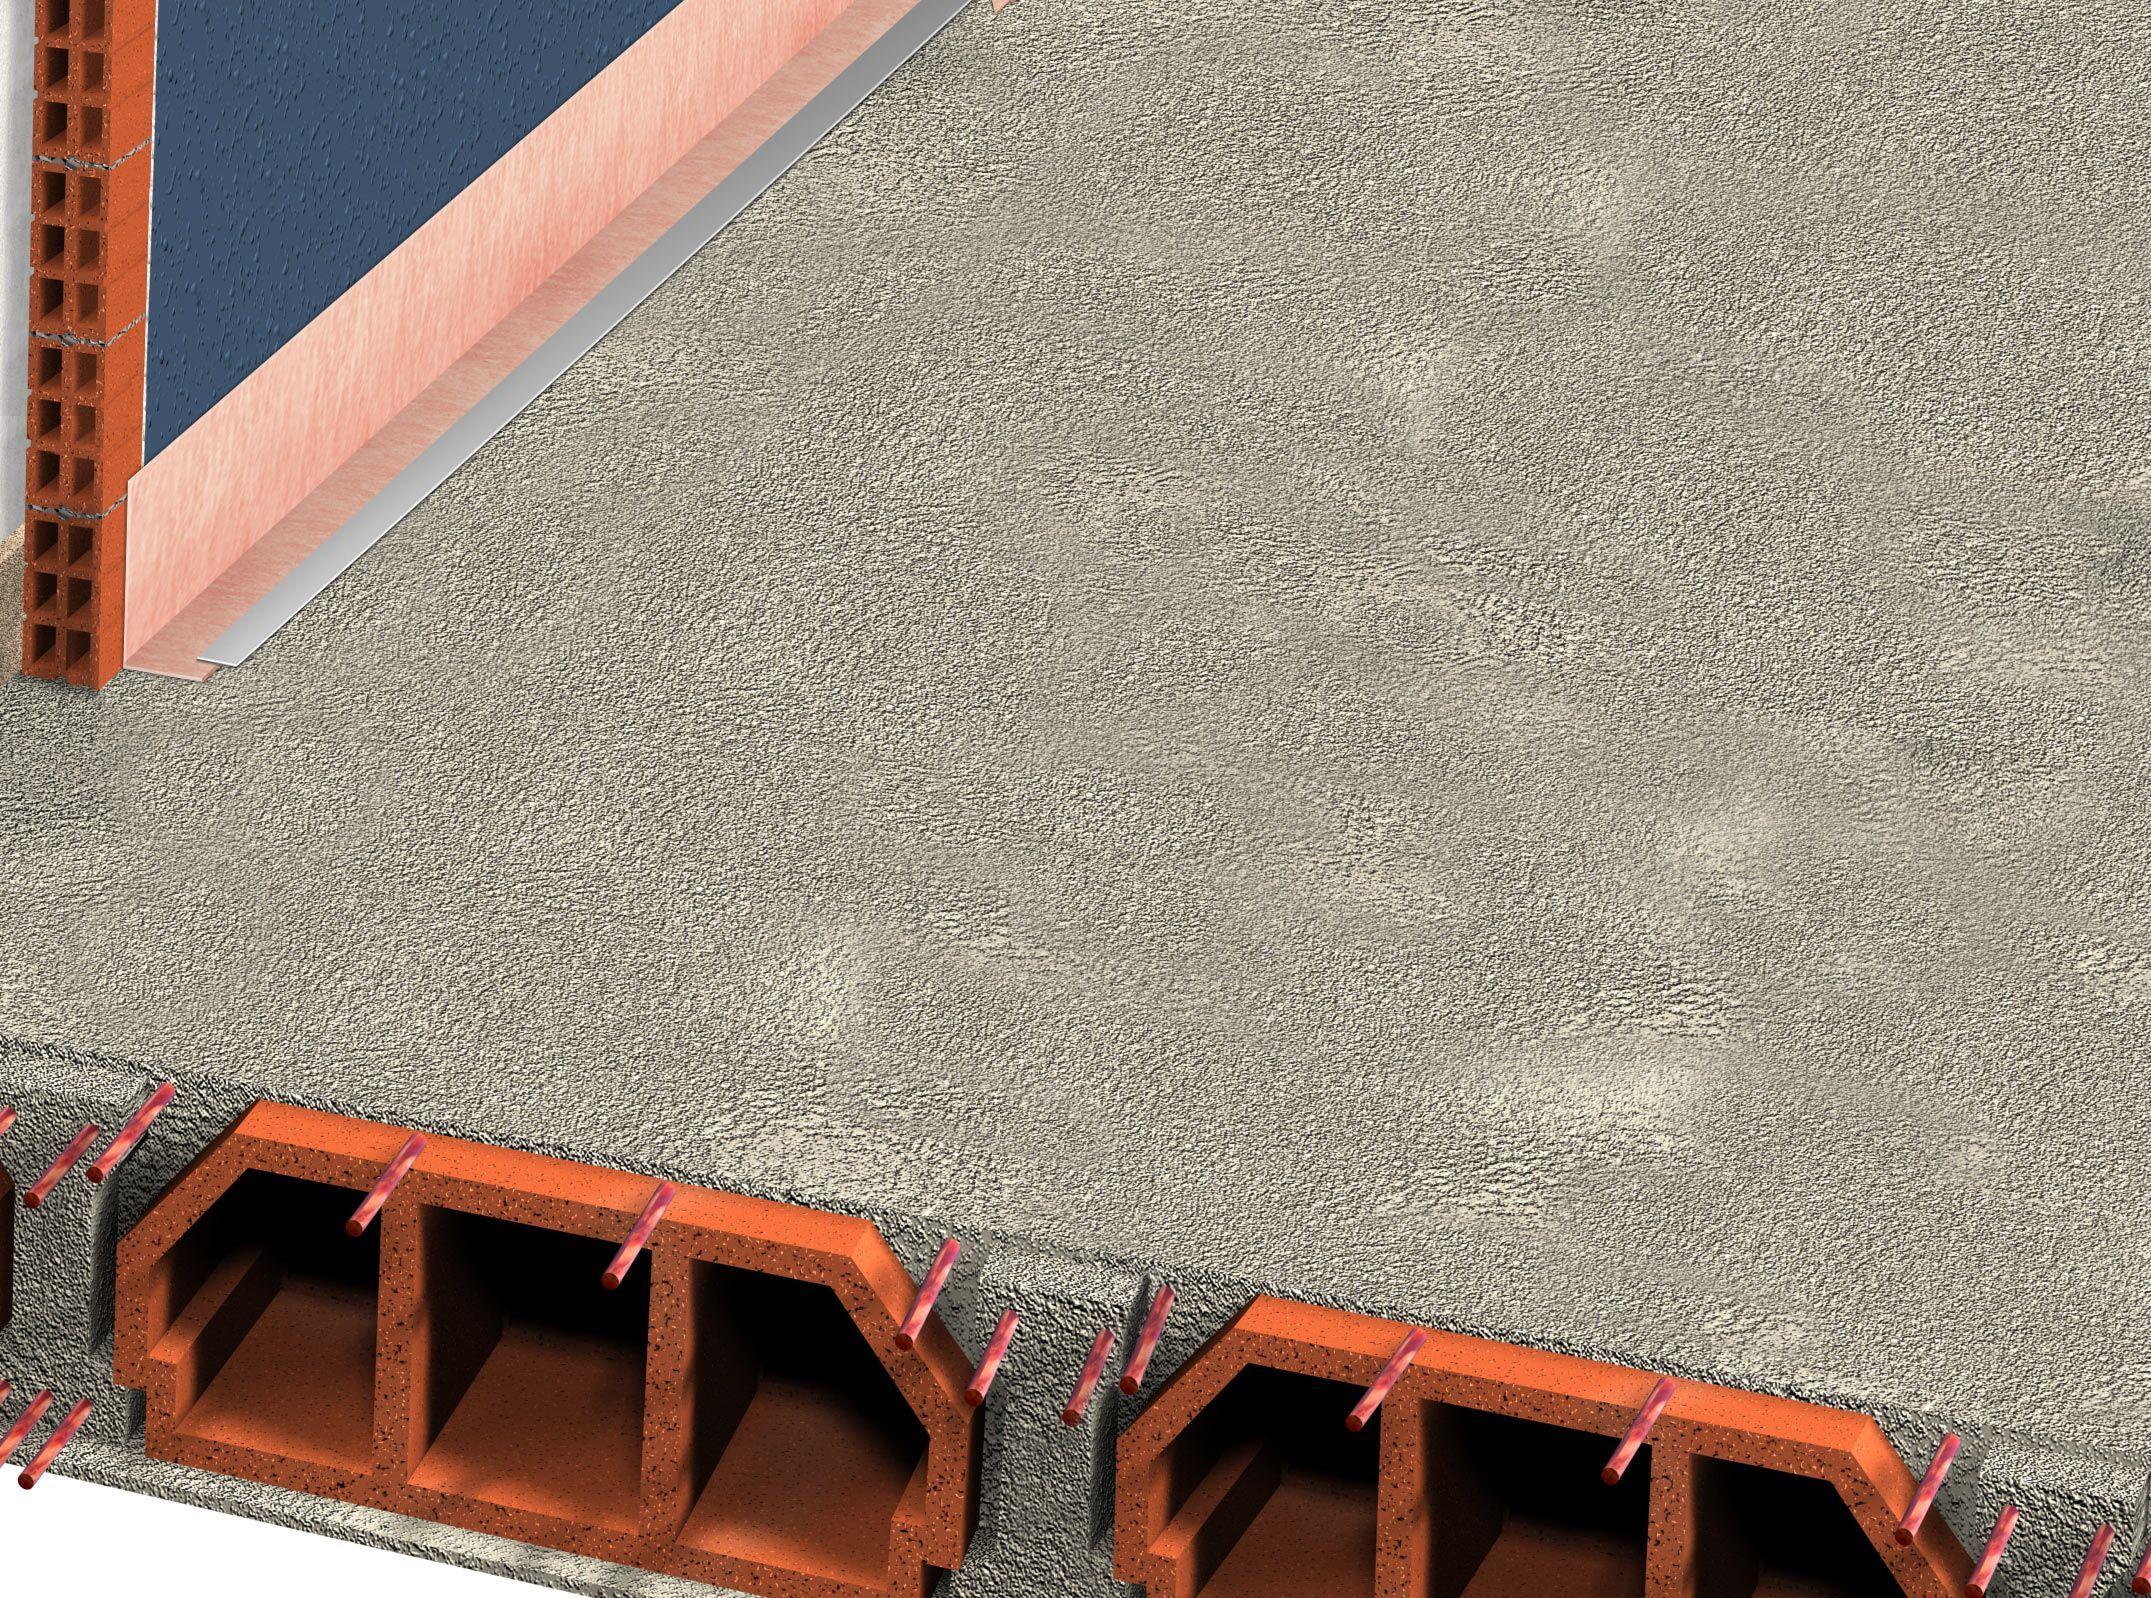 aislamiento-acustico-suelos-sistema2-3R